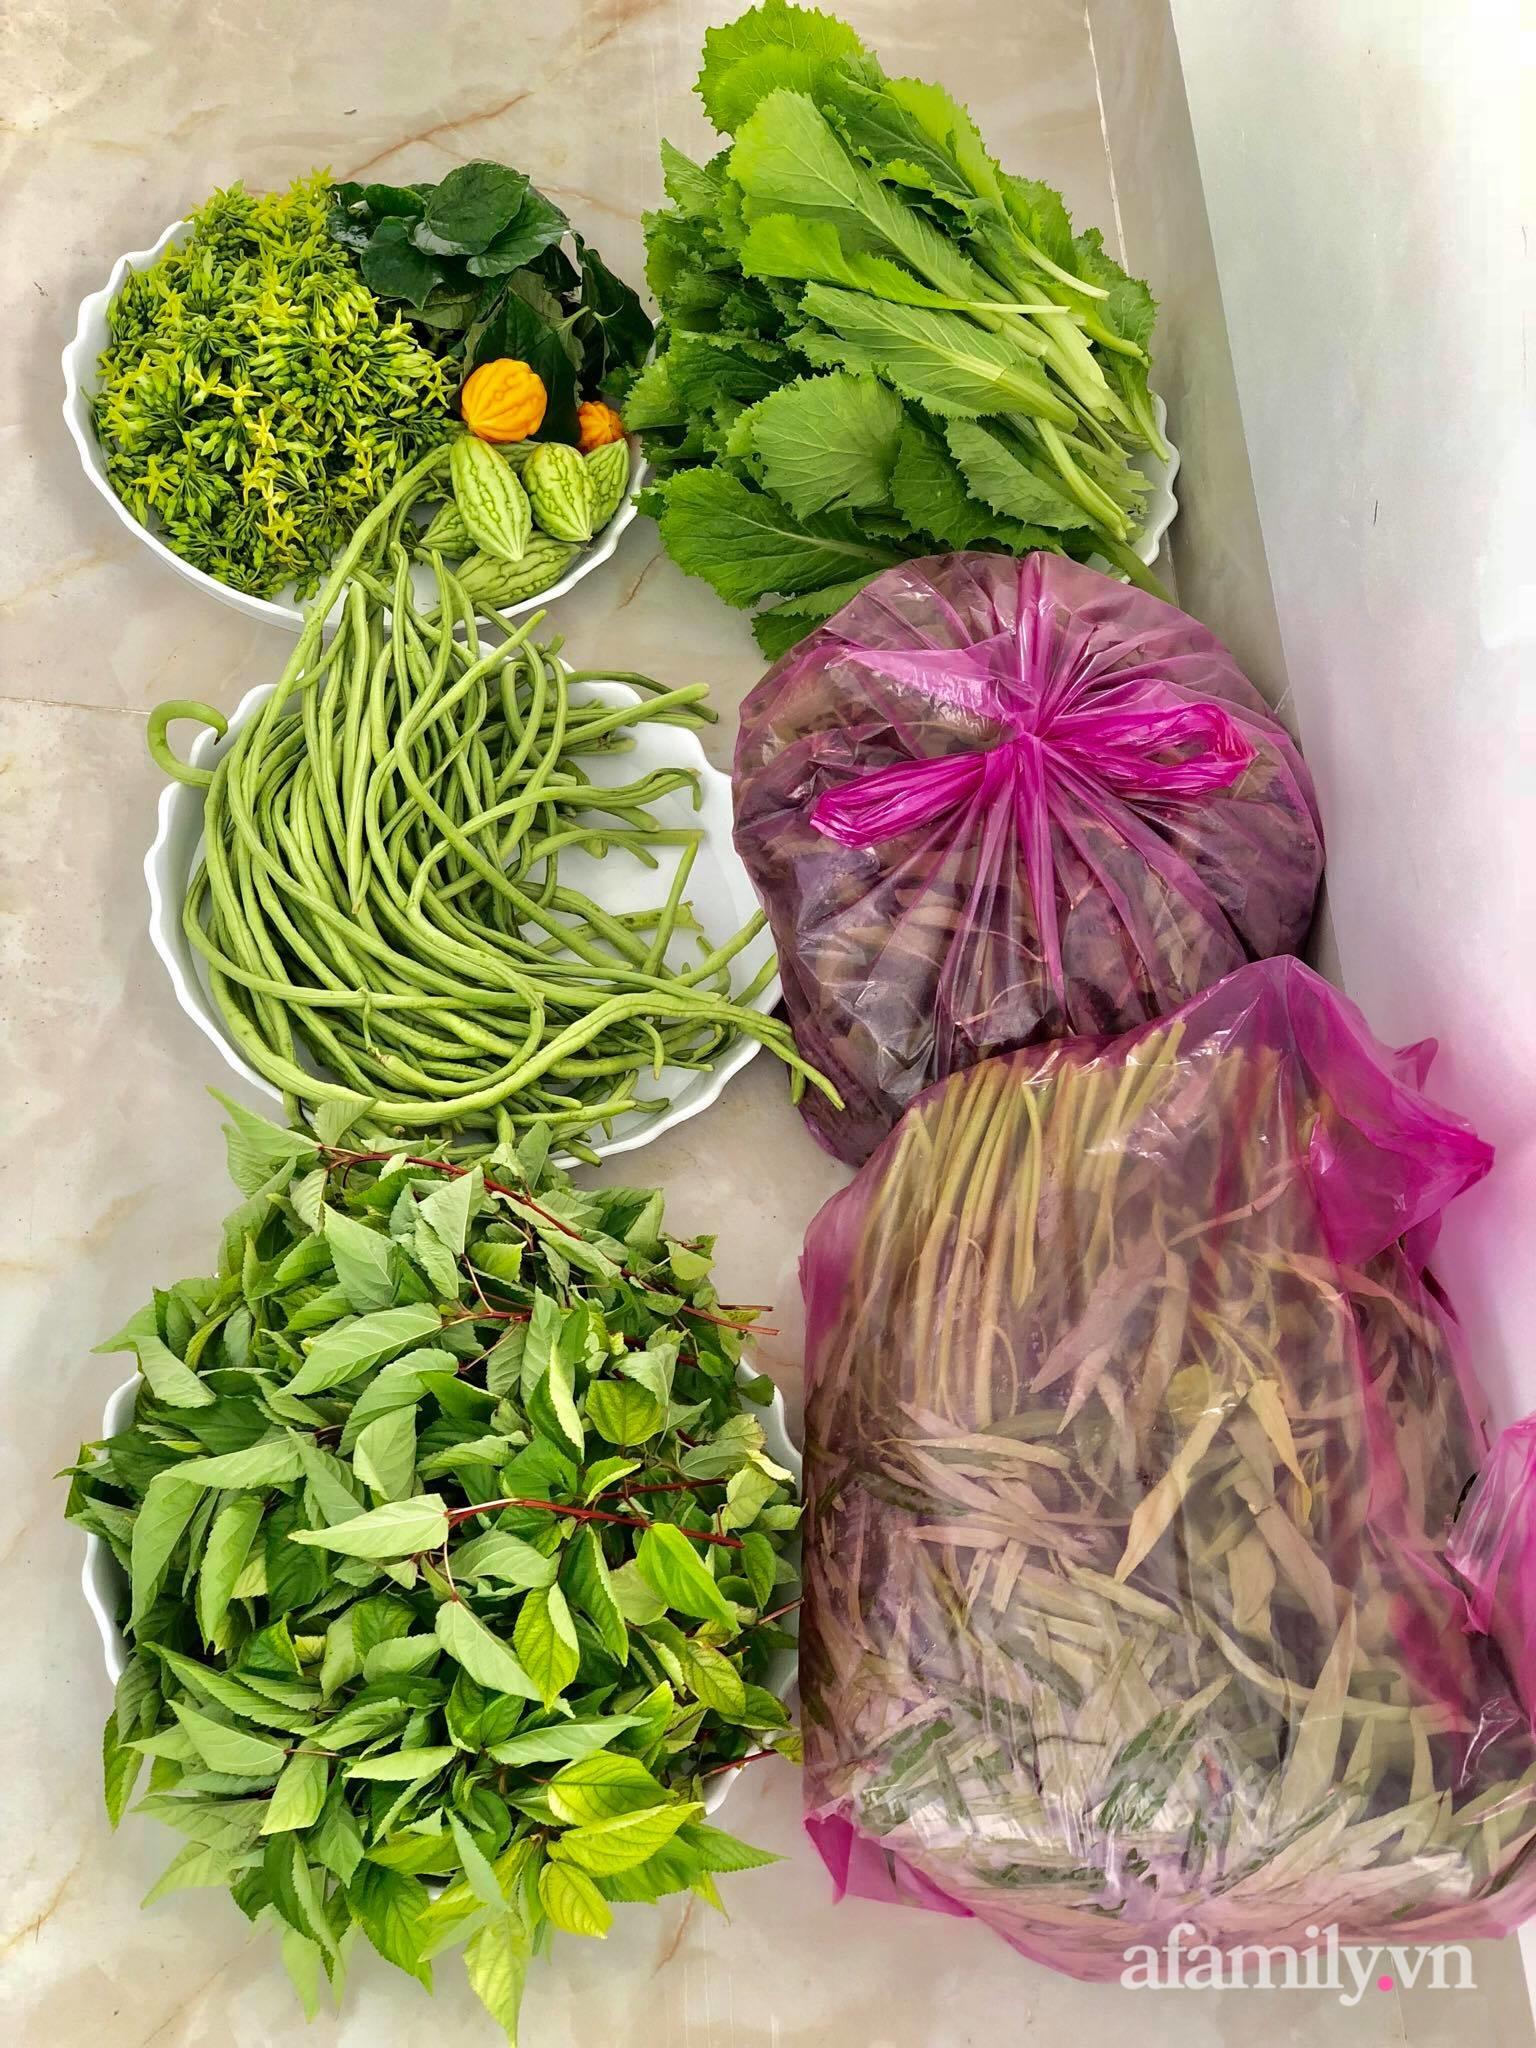 """Trước giãn cách 20 ngày, mẹ đảm Sài Gòn """"nhanh tay"""" trồng đủ loại rau tới giờ """"um tùm"""" ăn thoải mái lại tiết kiệm tiền - Ảnh 1."""